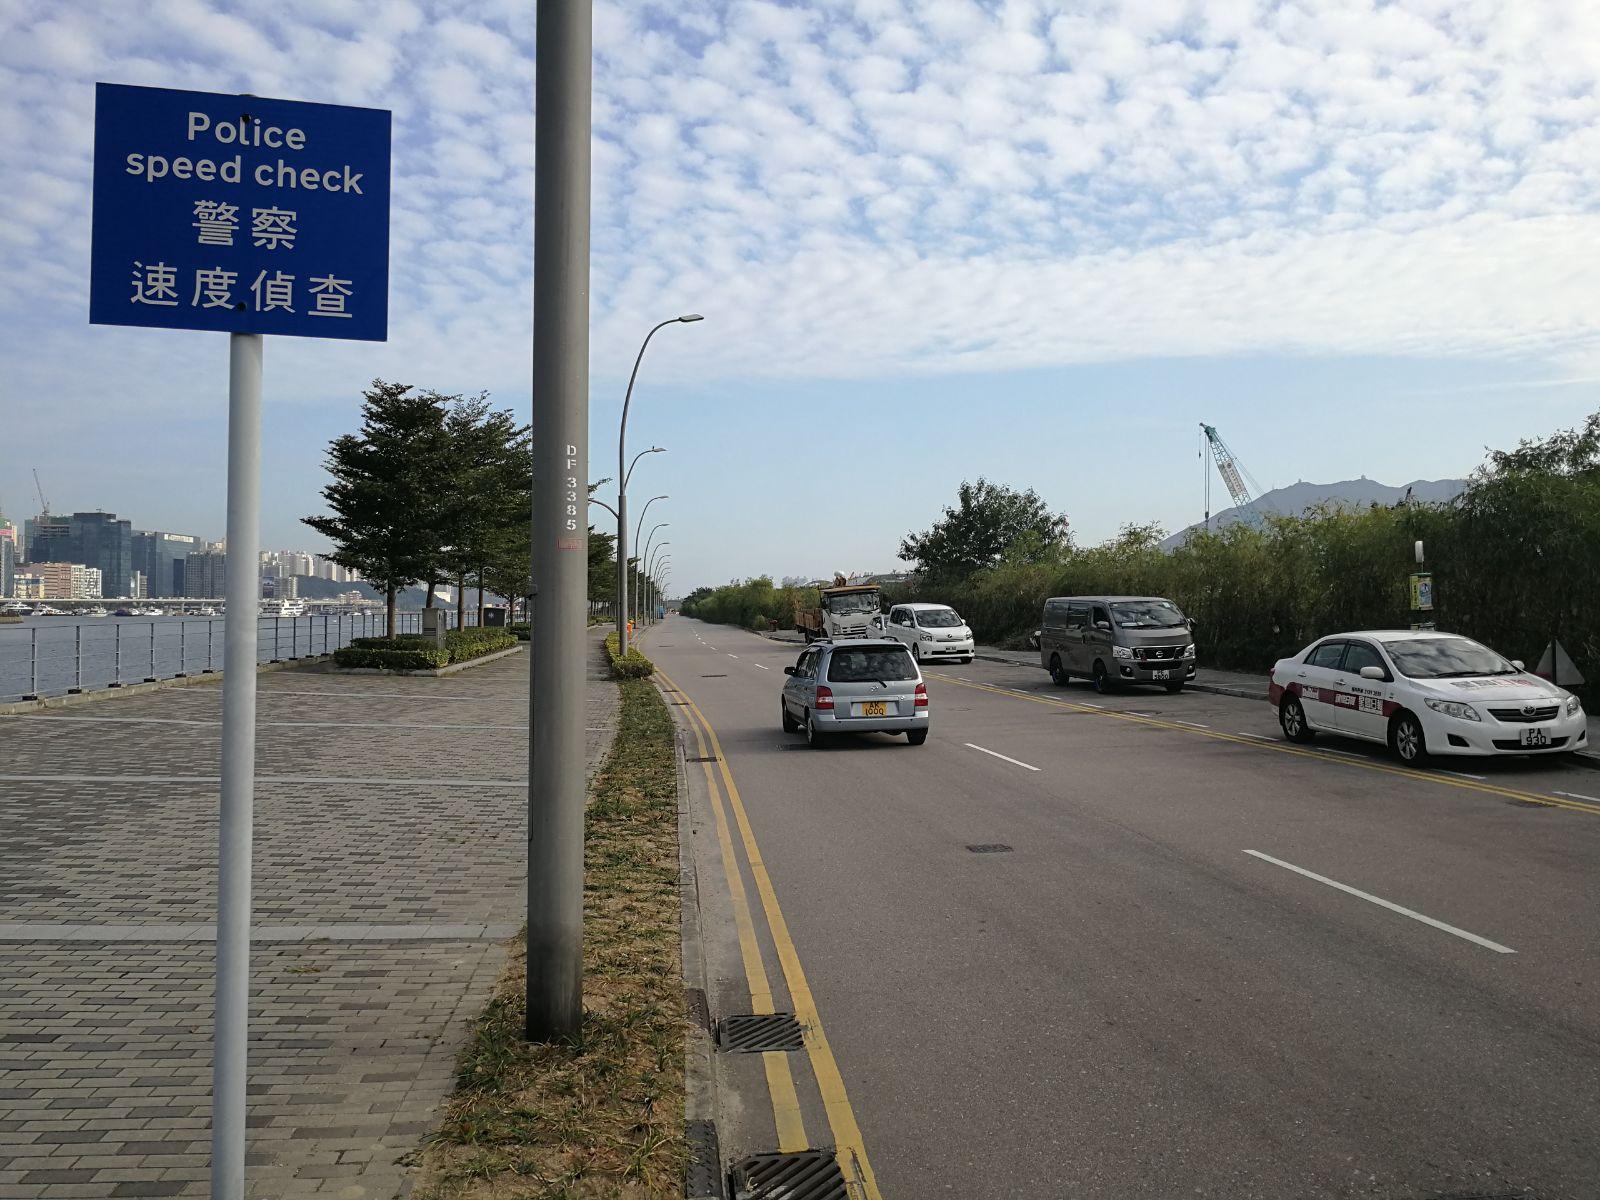 警方在事發路段截停一輛Tesla跑車。